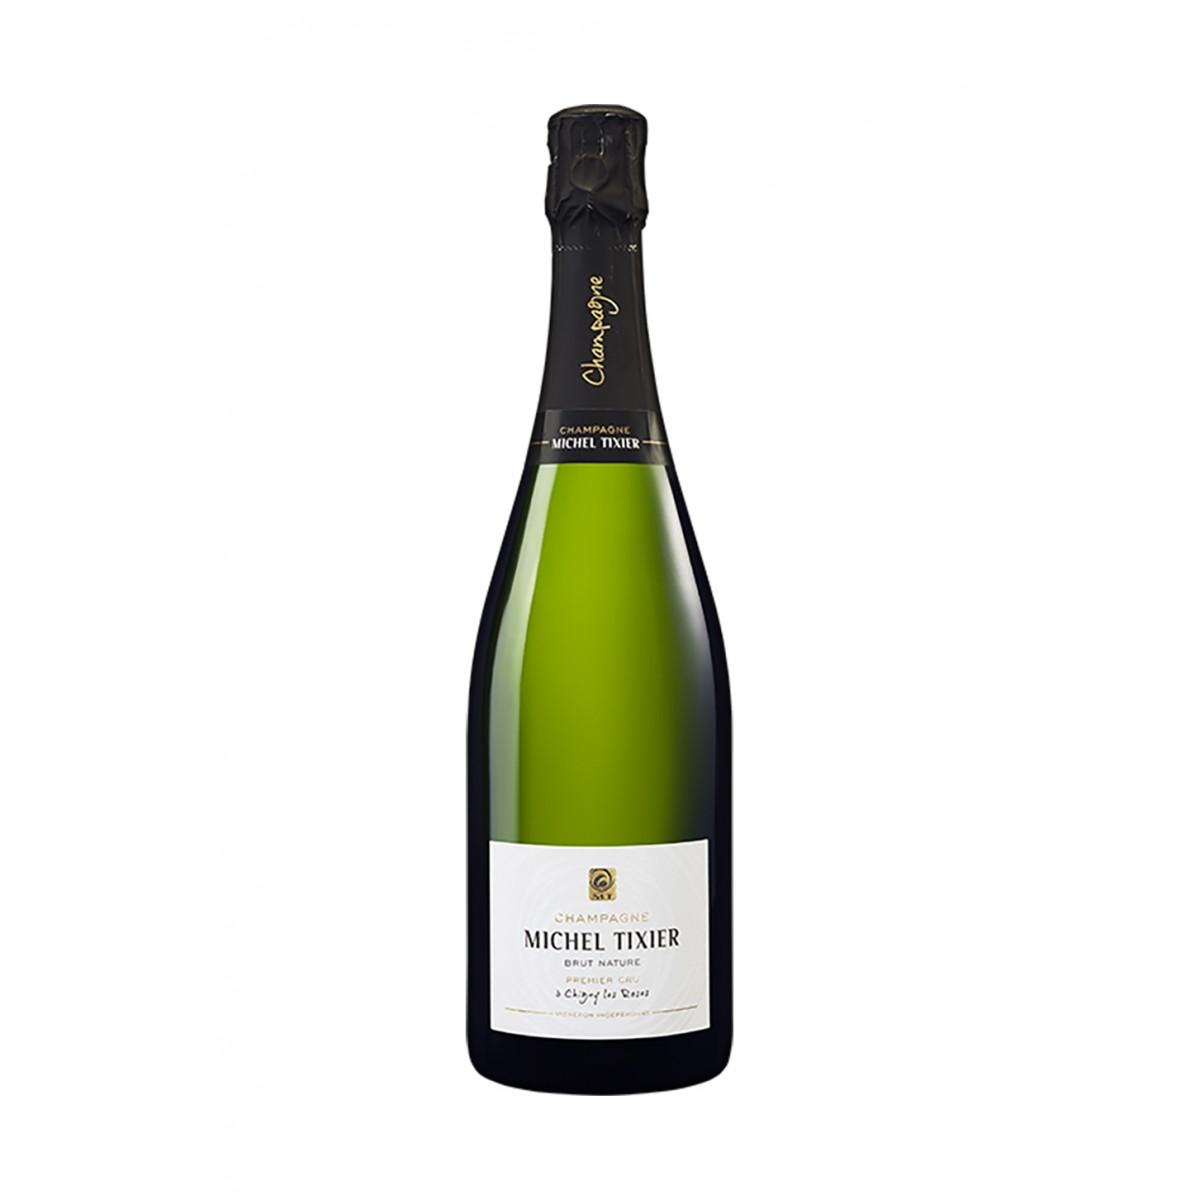 Champagne Brut Nature 1er Cru - Michel Tixier